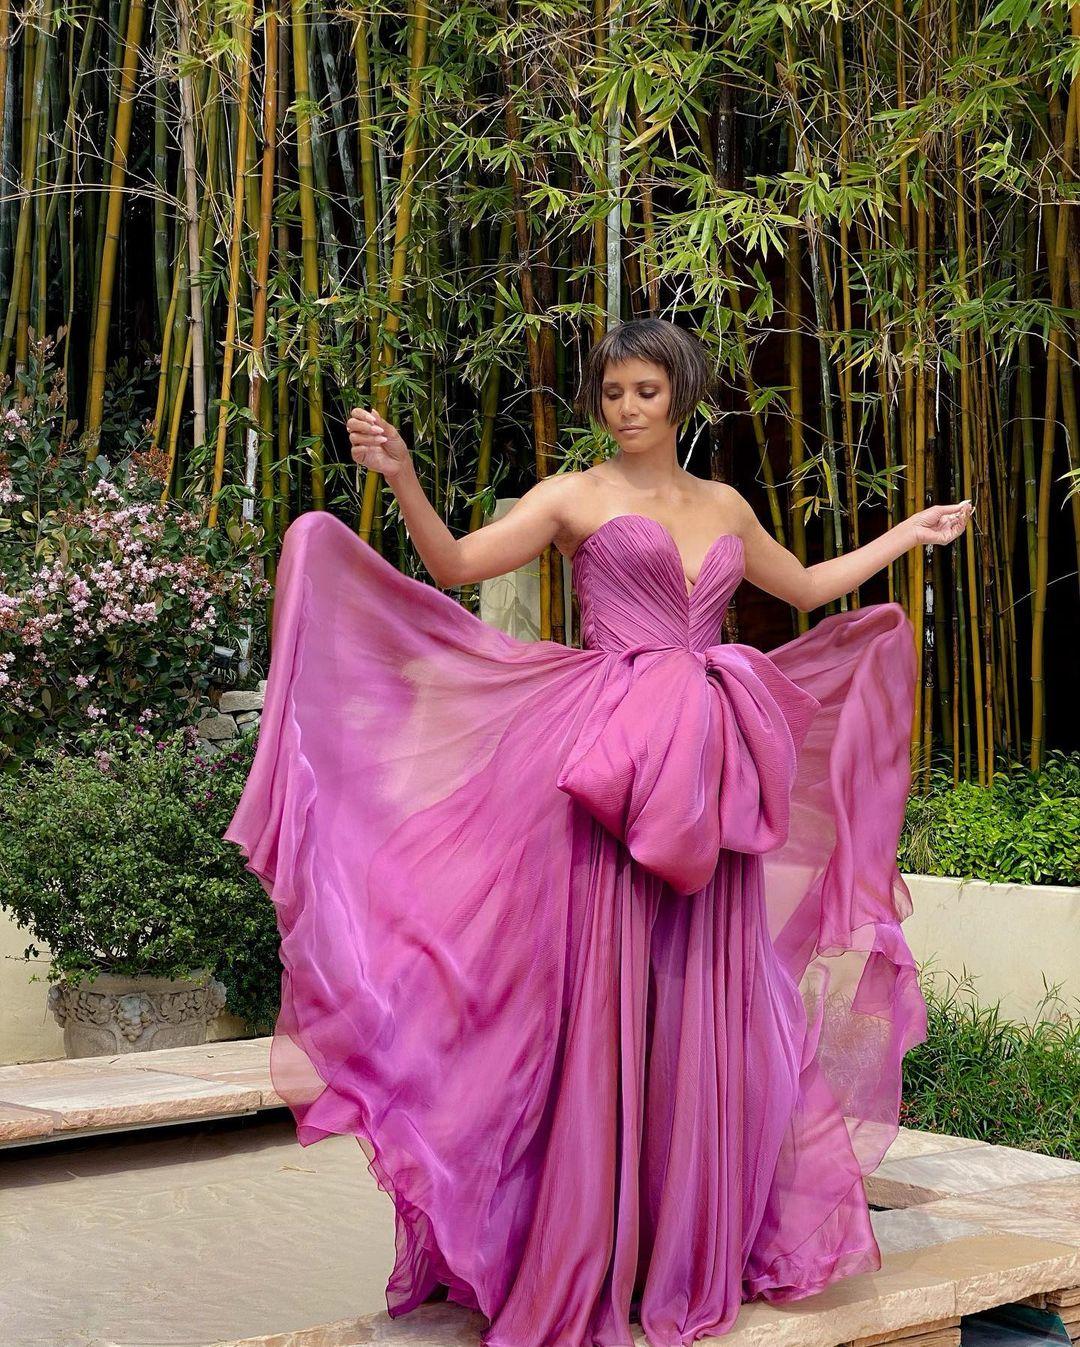 Nữ diễn viên khoe kiểu tóc trước khi ra mắt công chúng trên thảm đỏ.